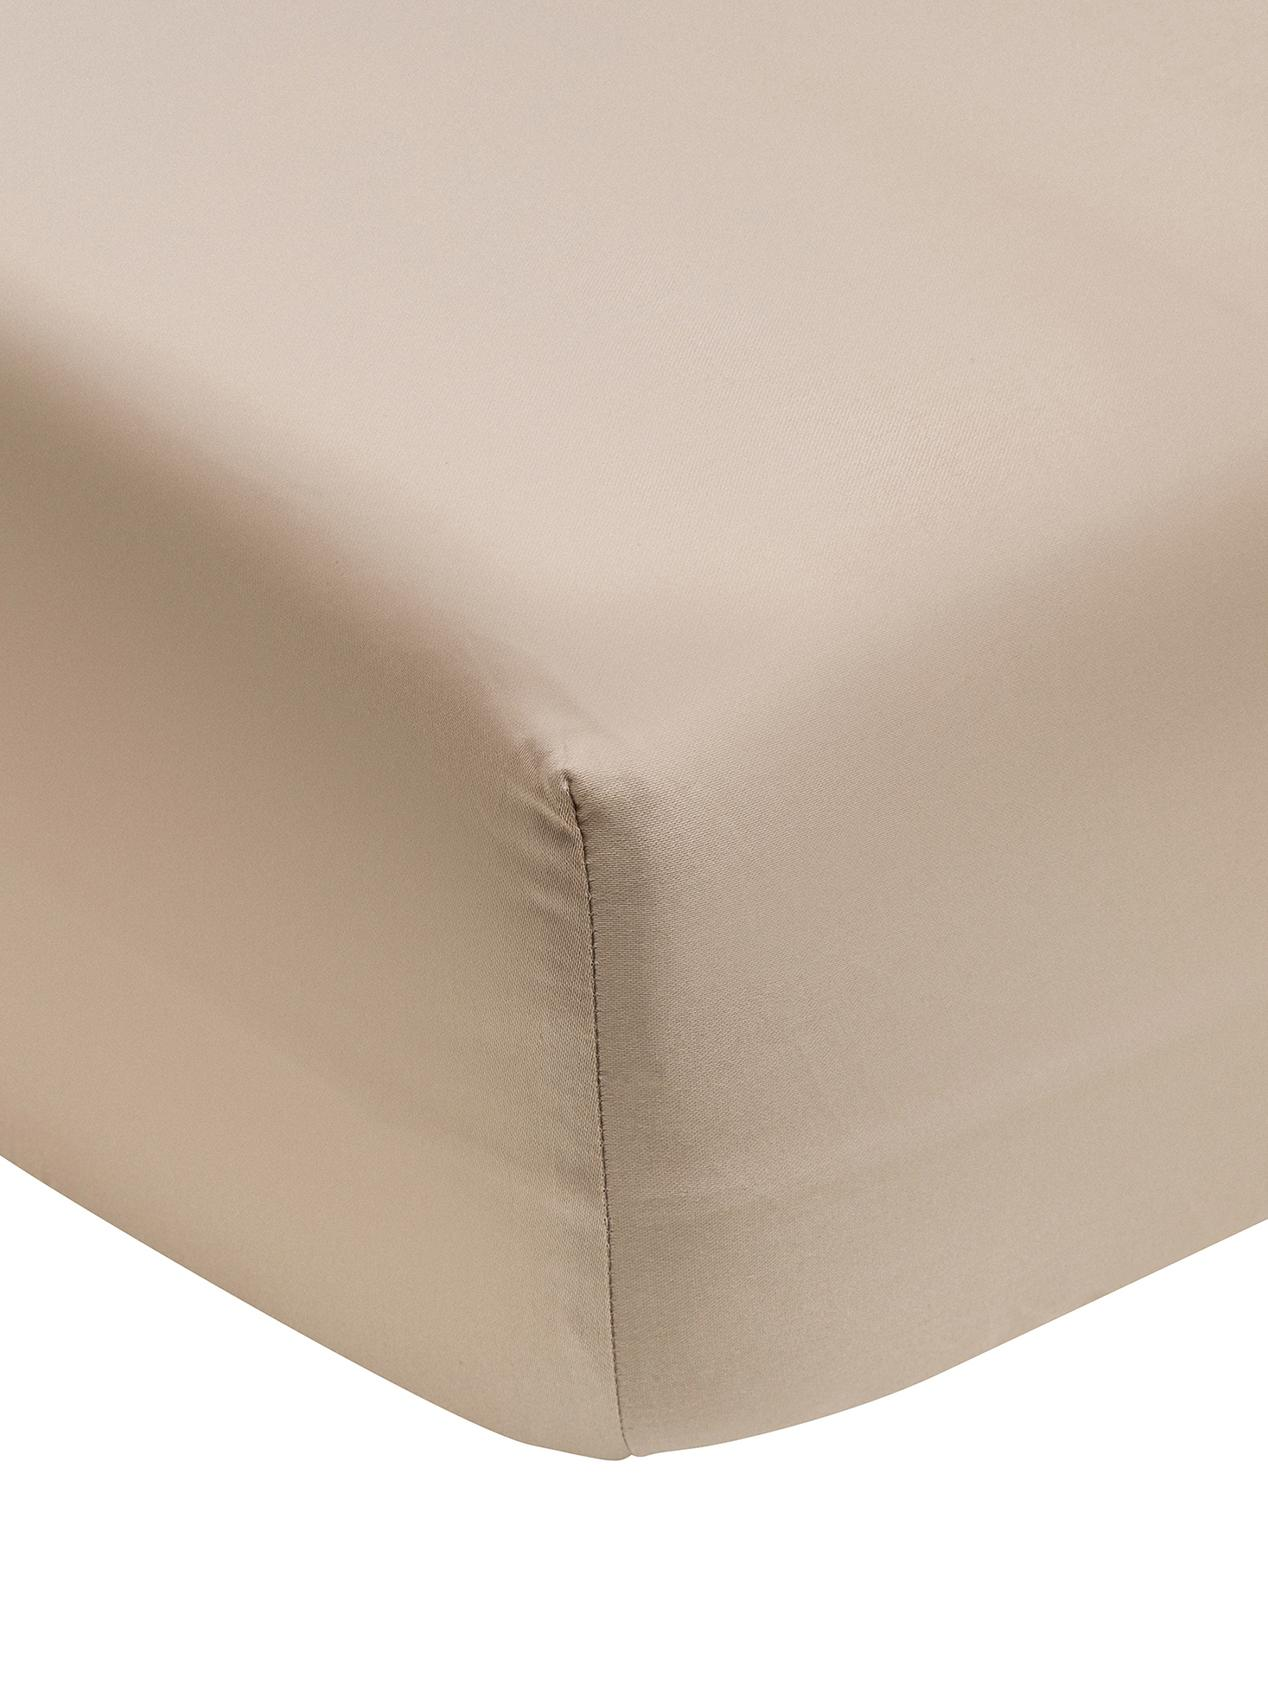 Spannbettlaken Premium in Taupe, Baumwollsatin, Webart: Satin, leicht glänzend, Taupe, 90 x 200 cm